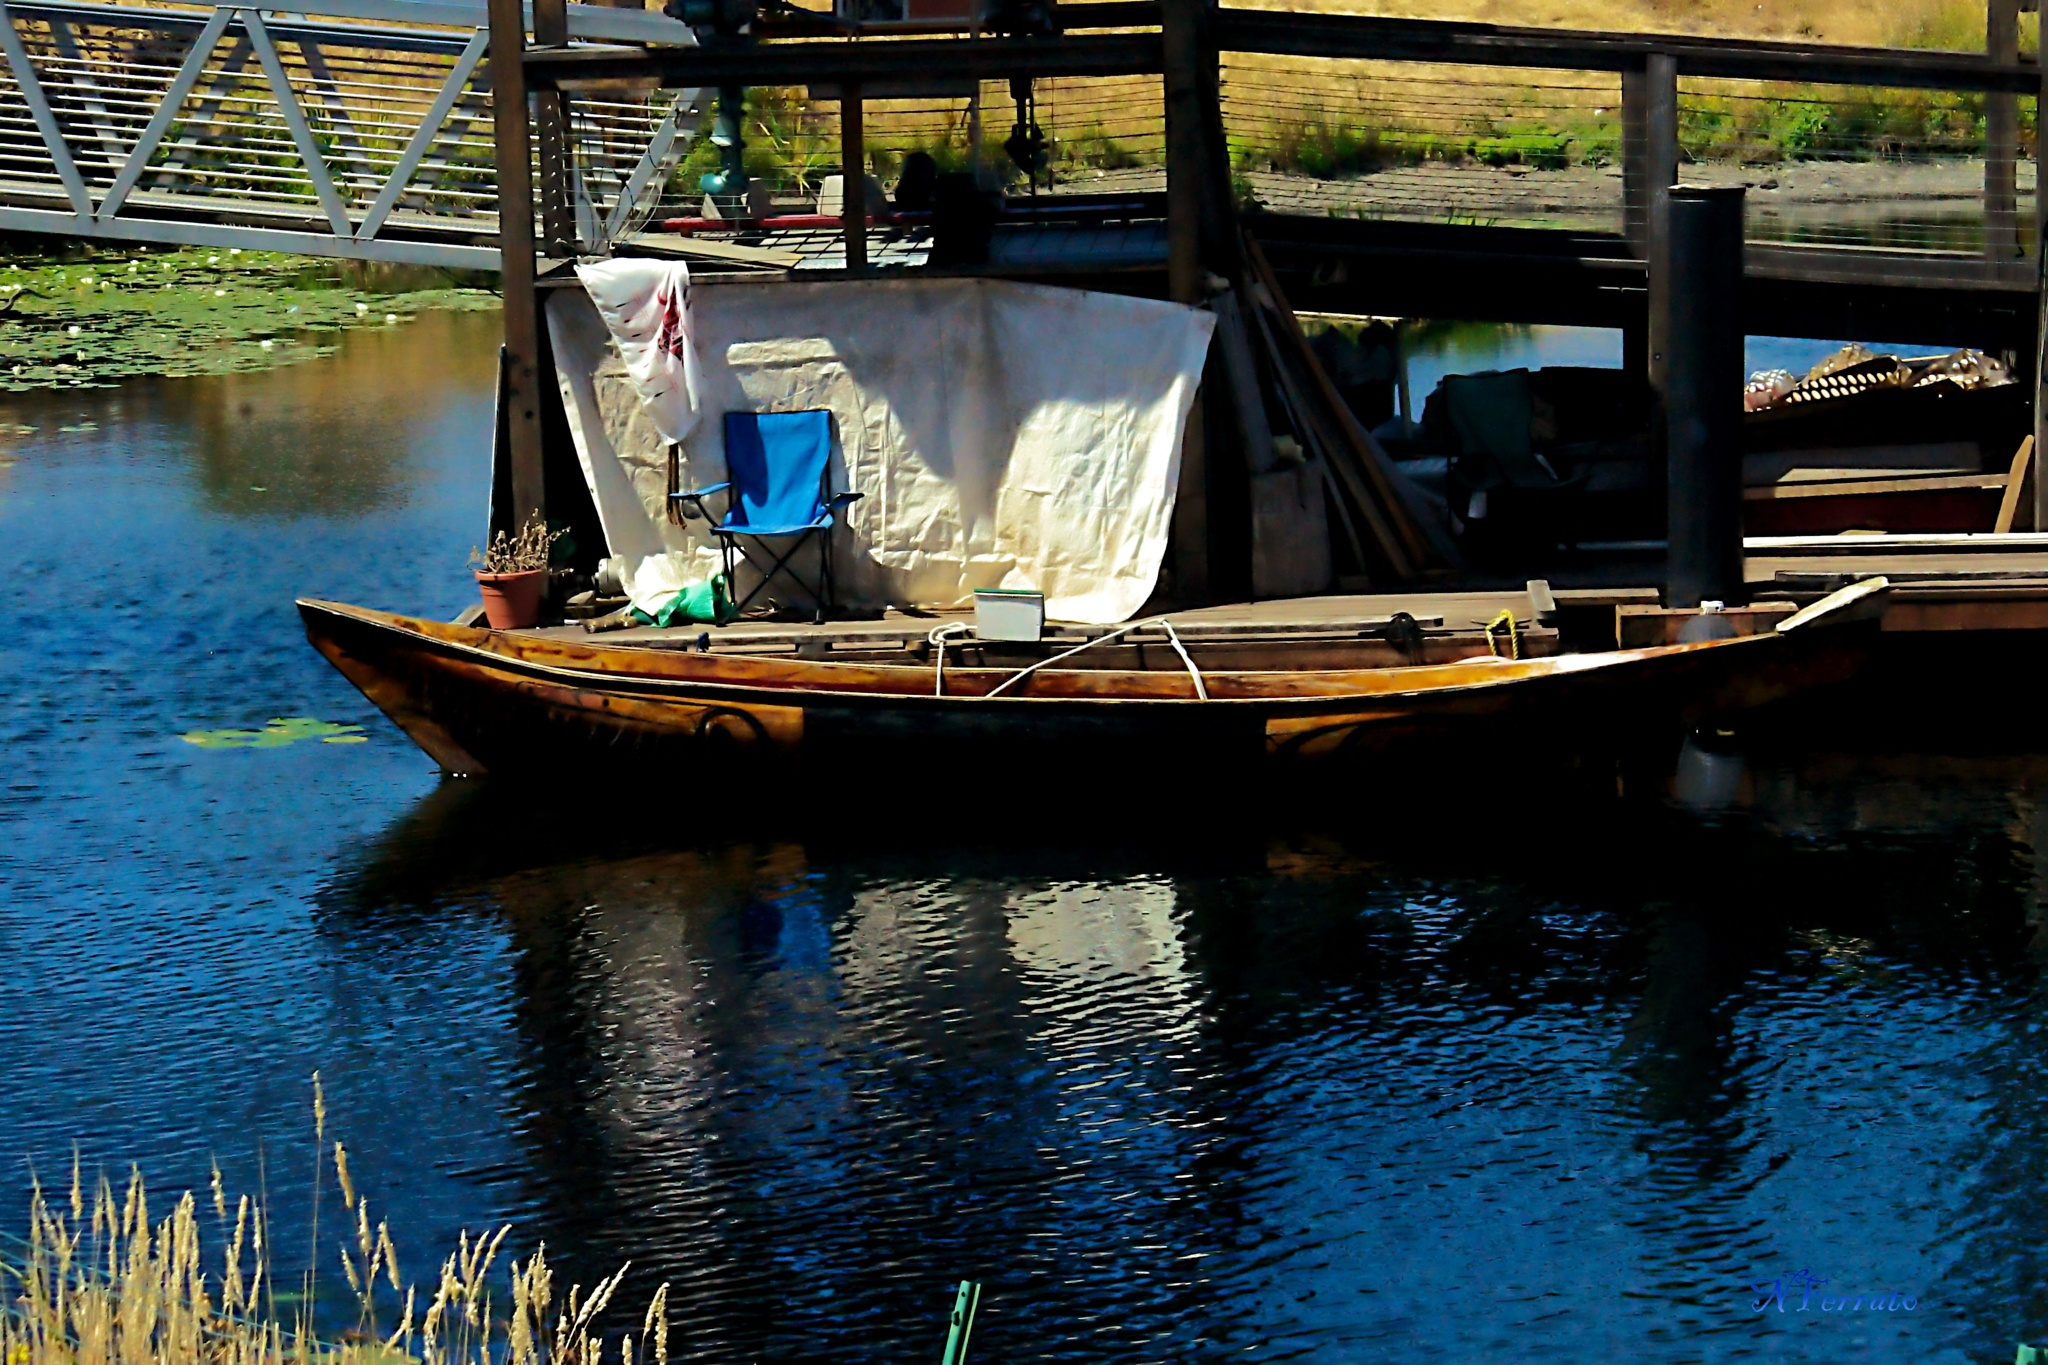 Lake Union Seattle wood boat by nferrato